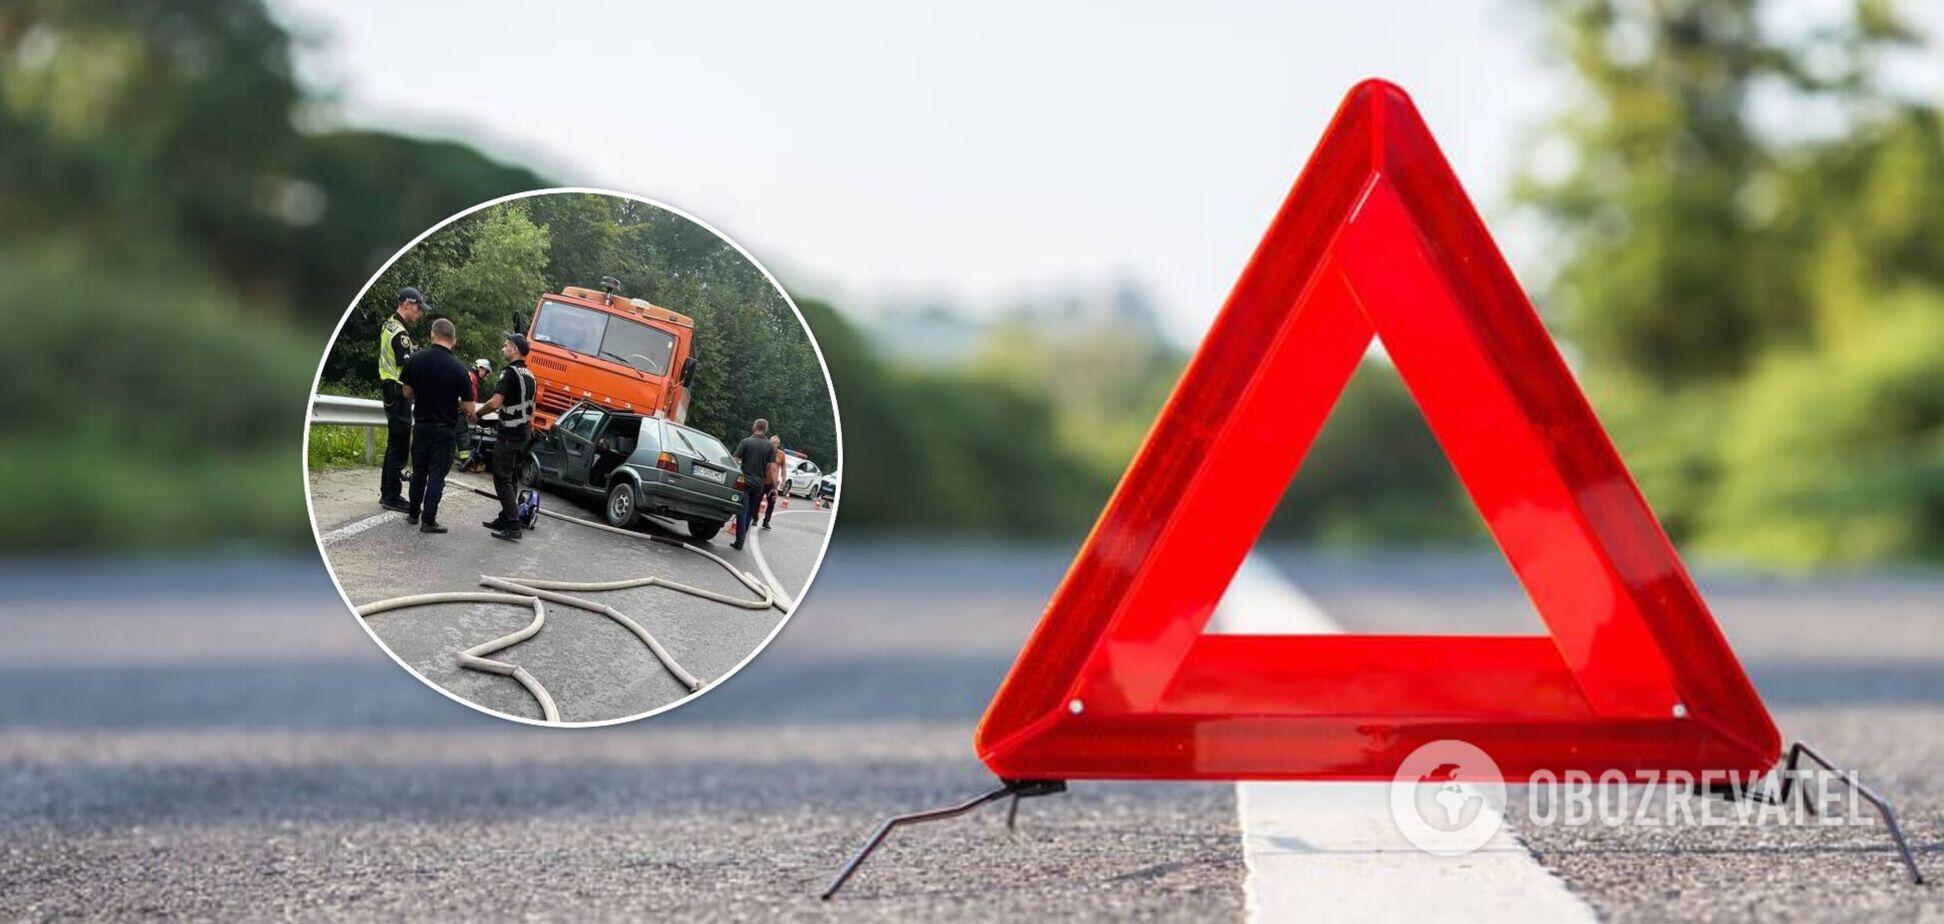 На Львівщині авто на швидкості влетіло у вантажівку, дві людини загинули на місці. Фото